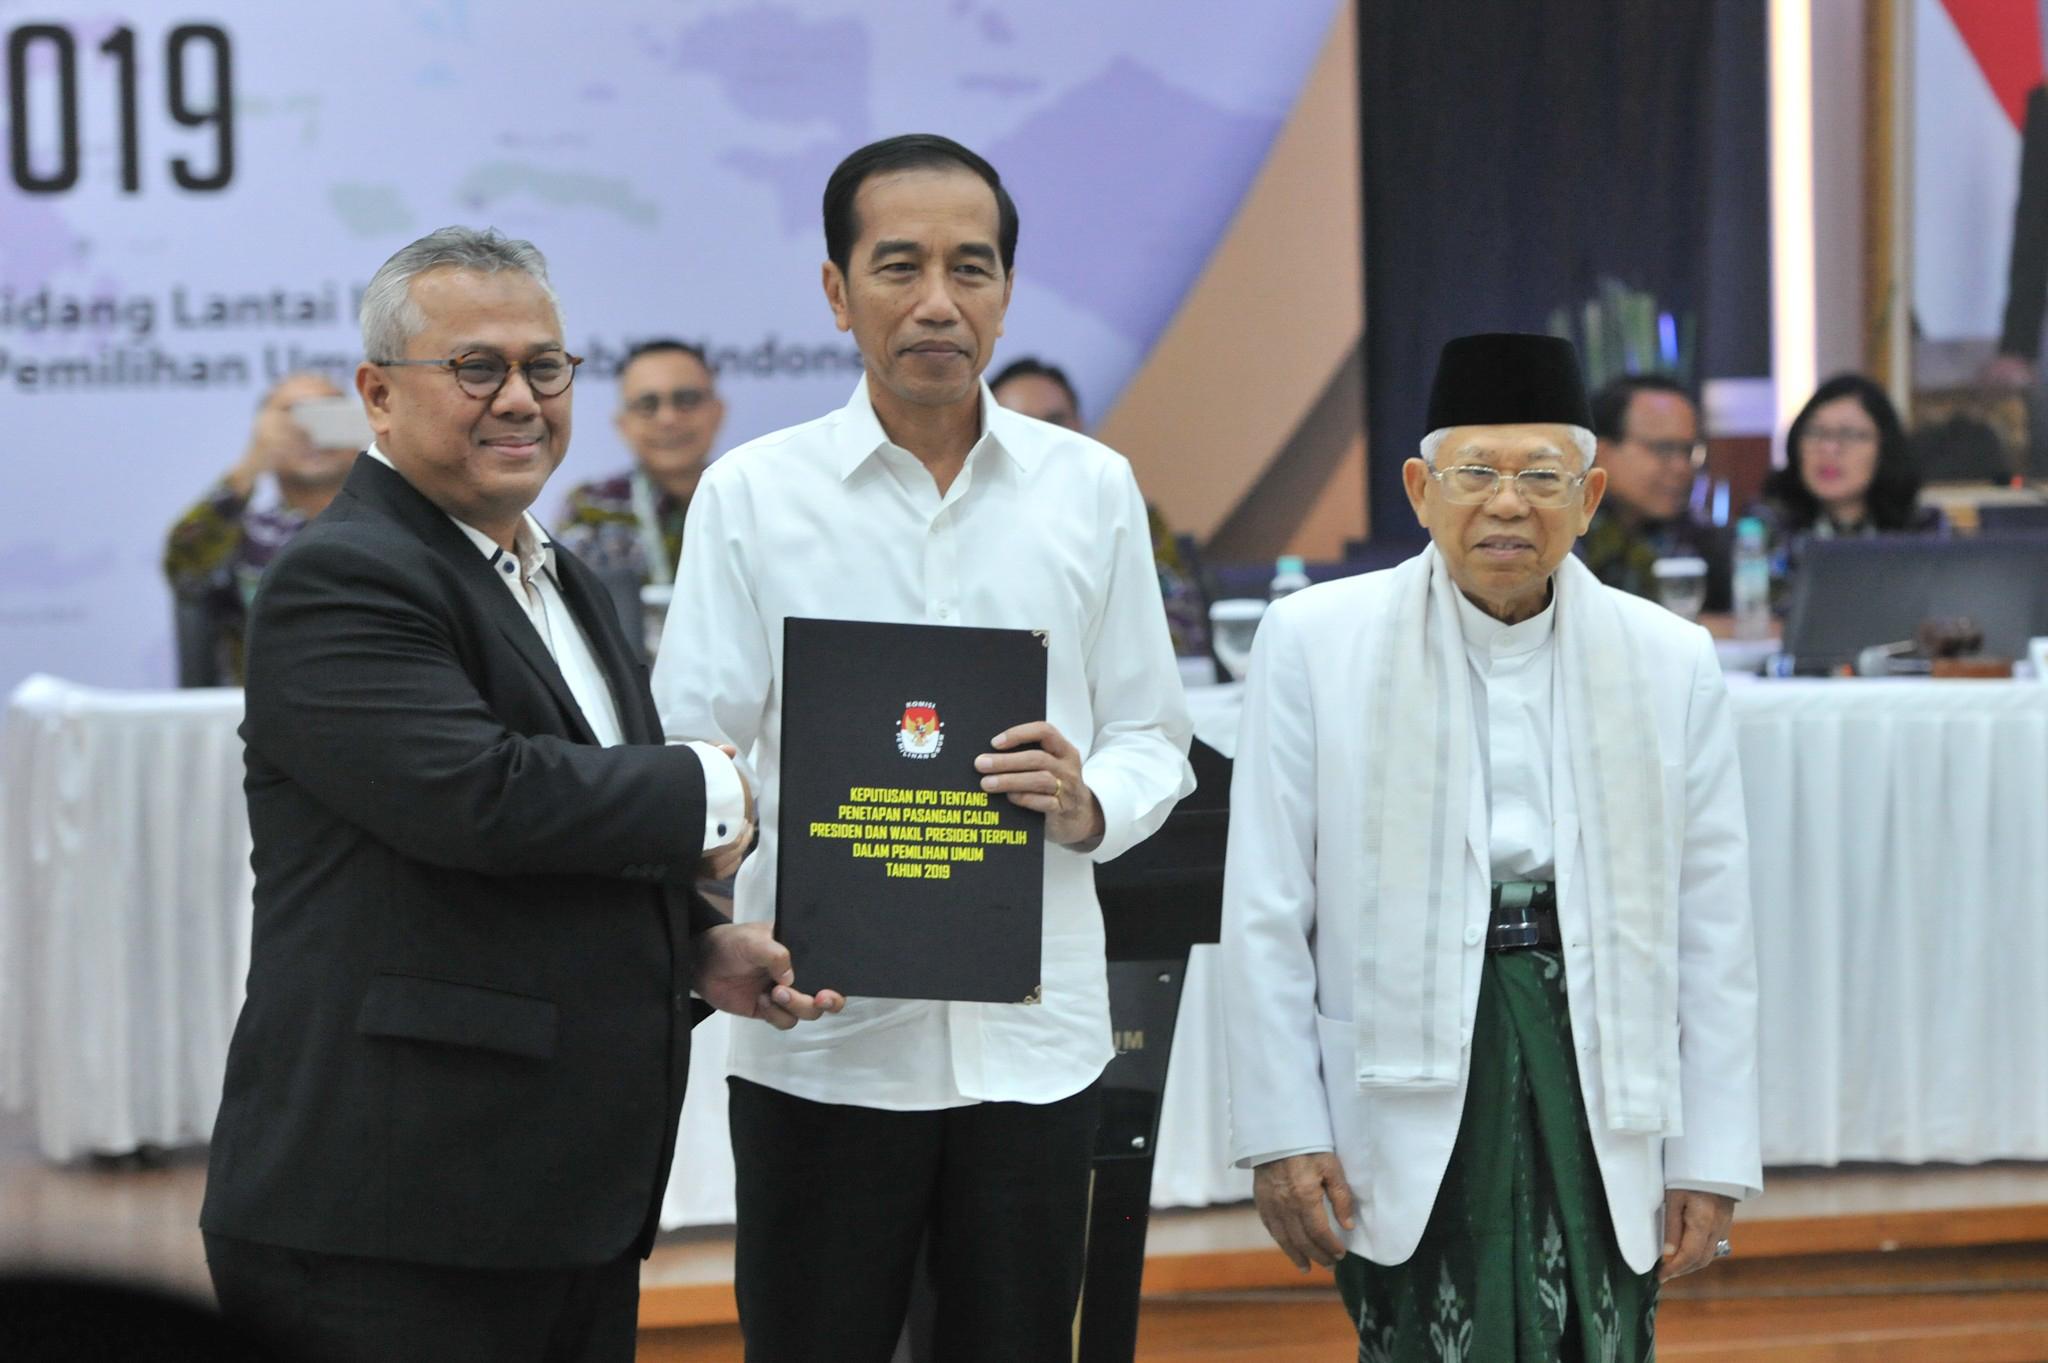 Sekretariat Kabinet Republik Indonesia Kpu Tetapkan Jokowi Ma Ruf Amin Jadi Presiden Dan Wakil Presiden Ri 2019 2024 Sekretariat Kabinet Republik Indonesia